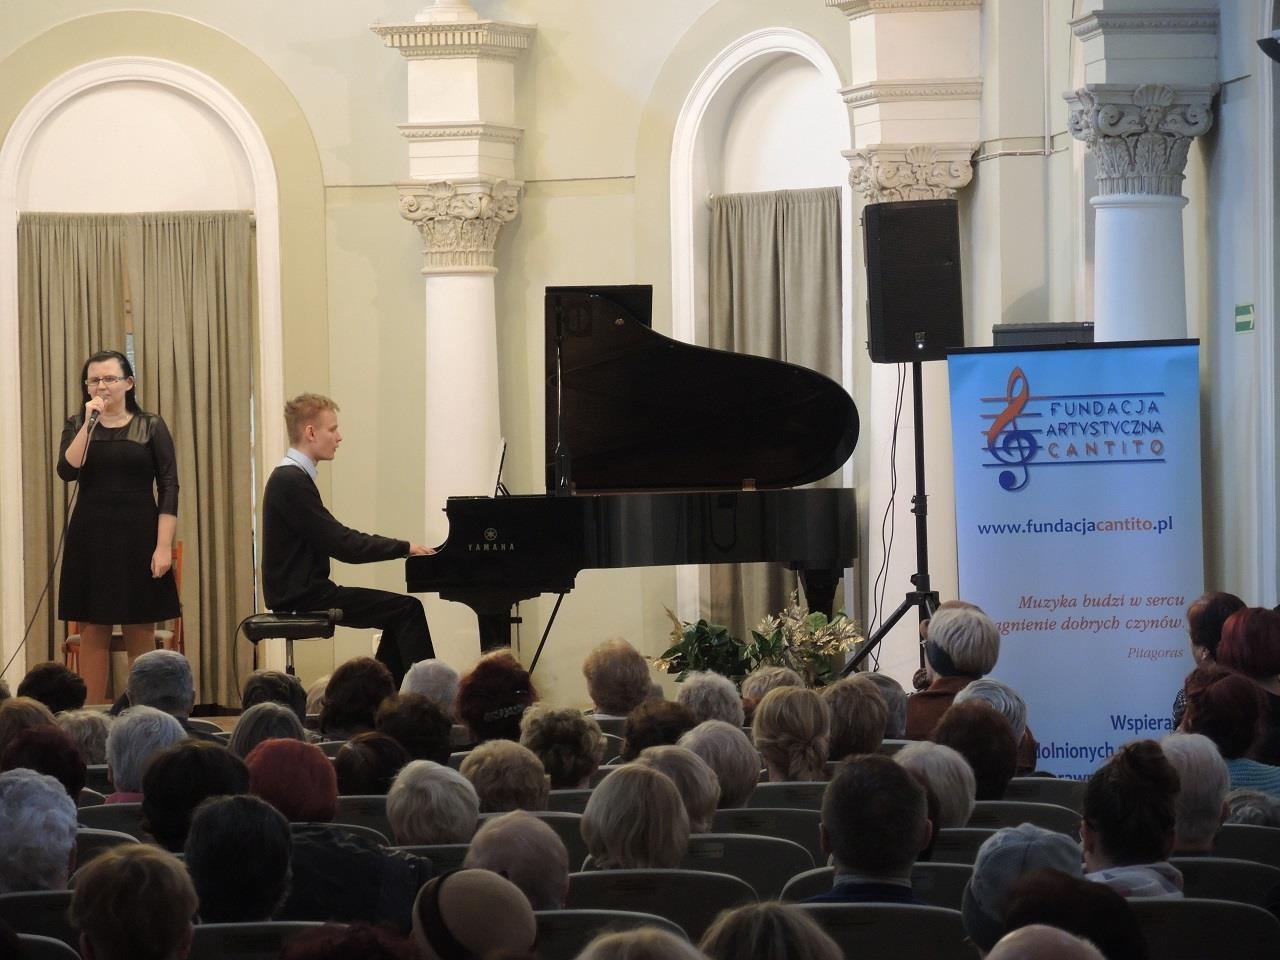 Zdjęcie z oddali. Kobieta stoi na scenie, śpiewa. Po jej lewej stronie siedzi mężczyzna, który gra na fortepianie. Patrzy na nich licznie przybyła publiczność.